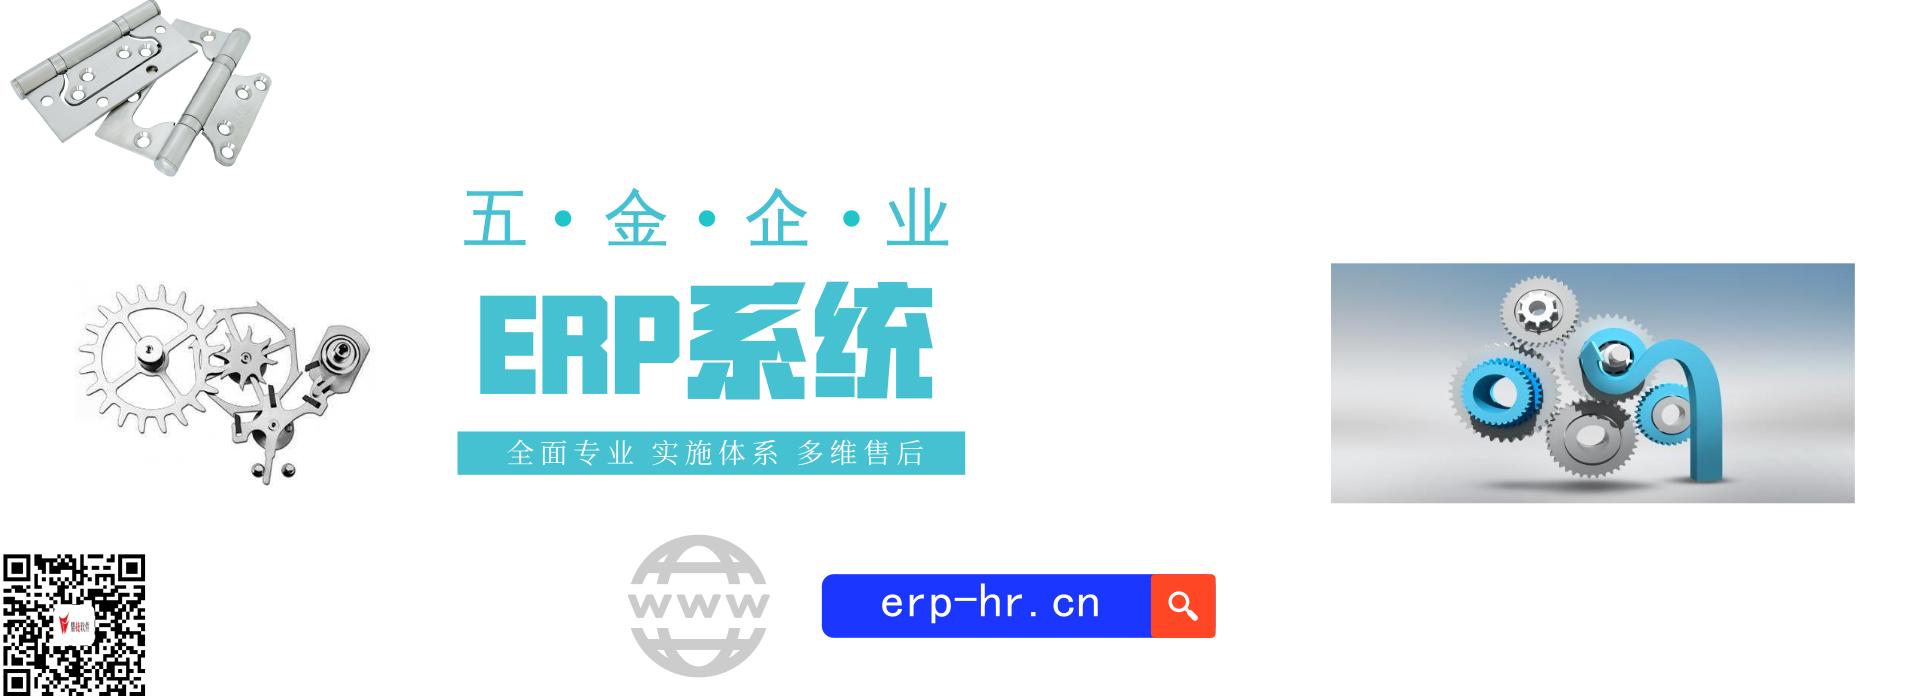 五金行业ERP